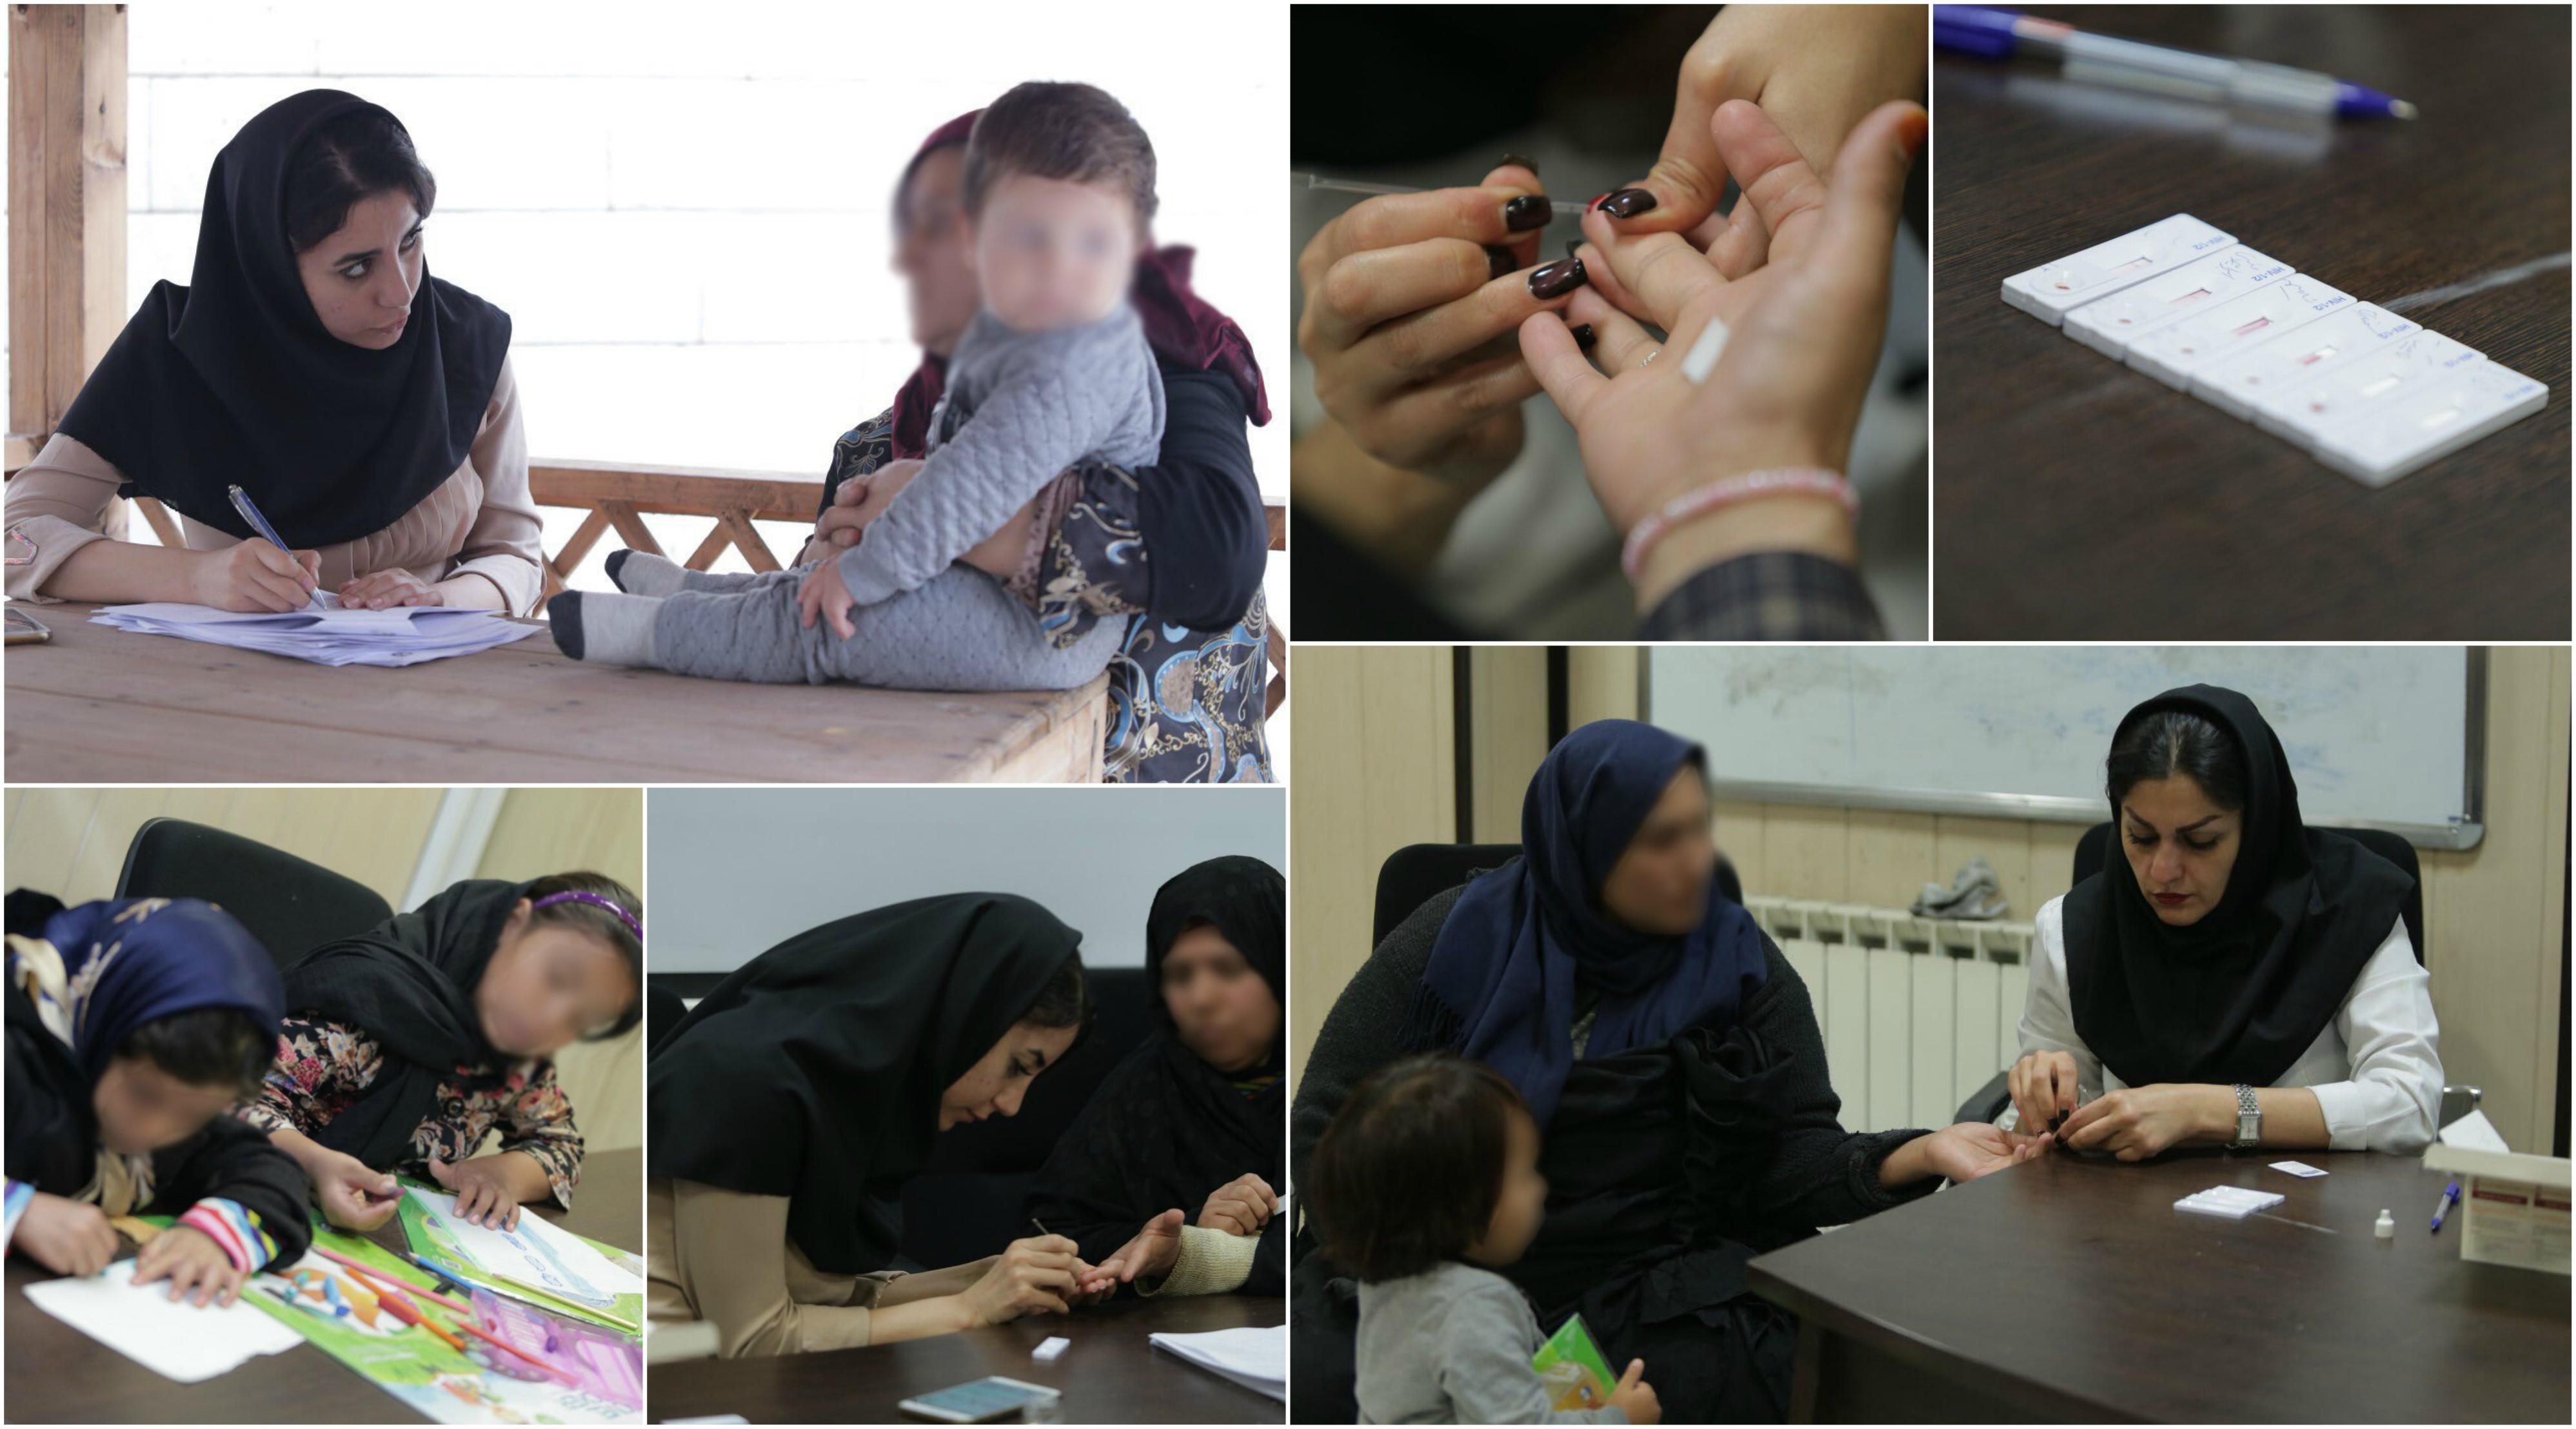 کانون جوانان مهرآفرین(حامی کودکان کار و خیابان)از تعدادی از مددجویان خود آزمایش اچ آی وی گرفت.